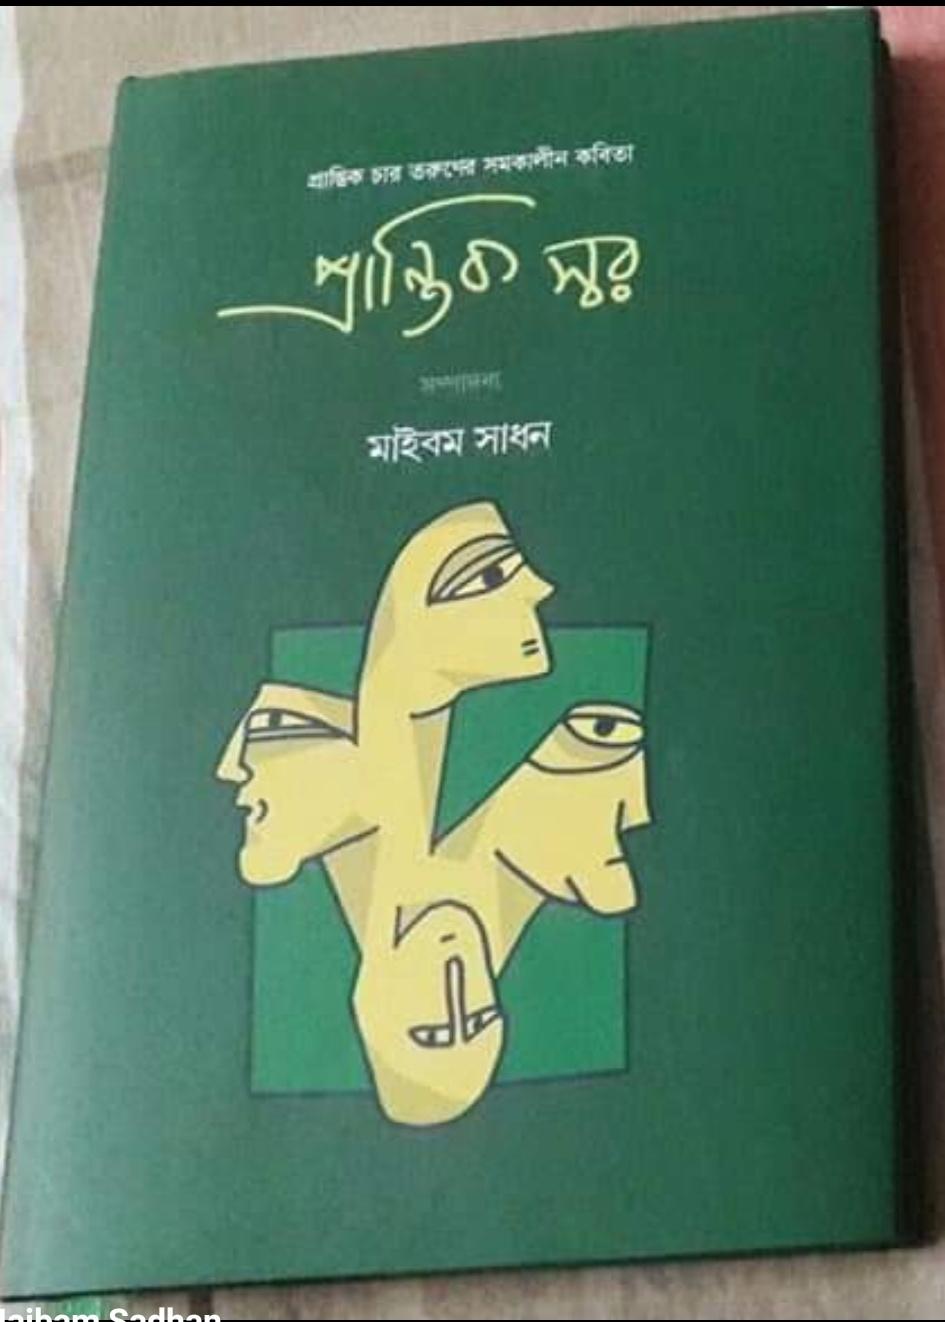 প্রান্তিক কথা : সমকালীন বাংলা কবিতার স্রোতে অংশীদারিত্বের নতুন সংযোজন